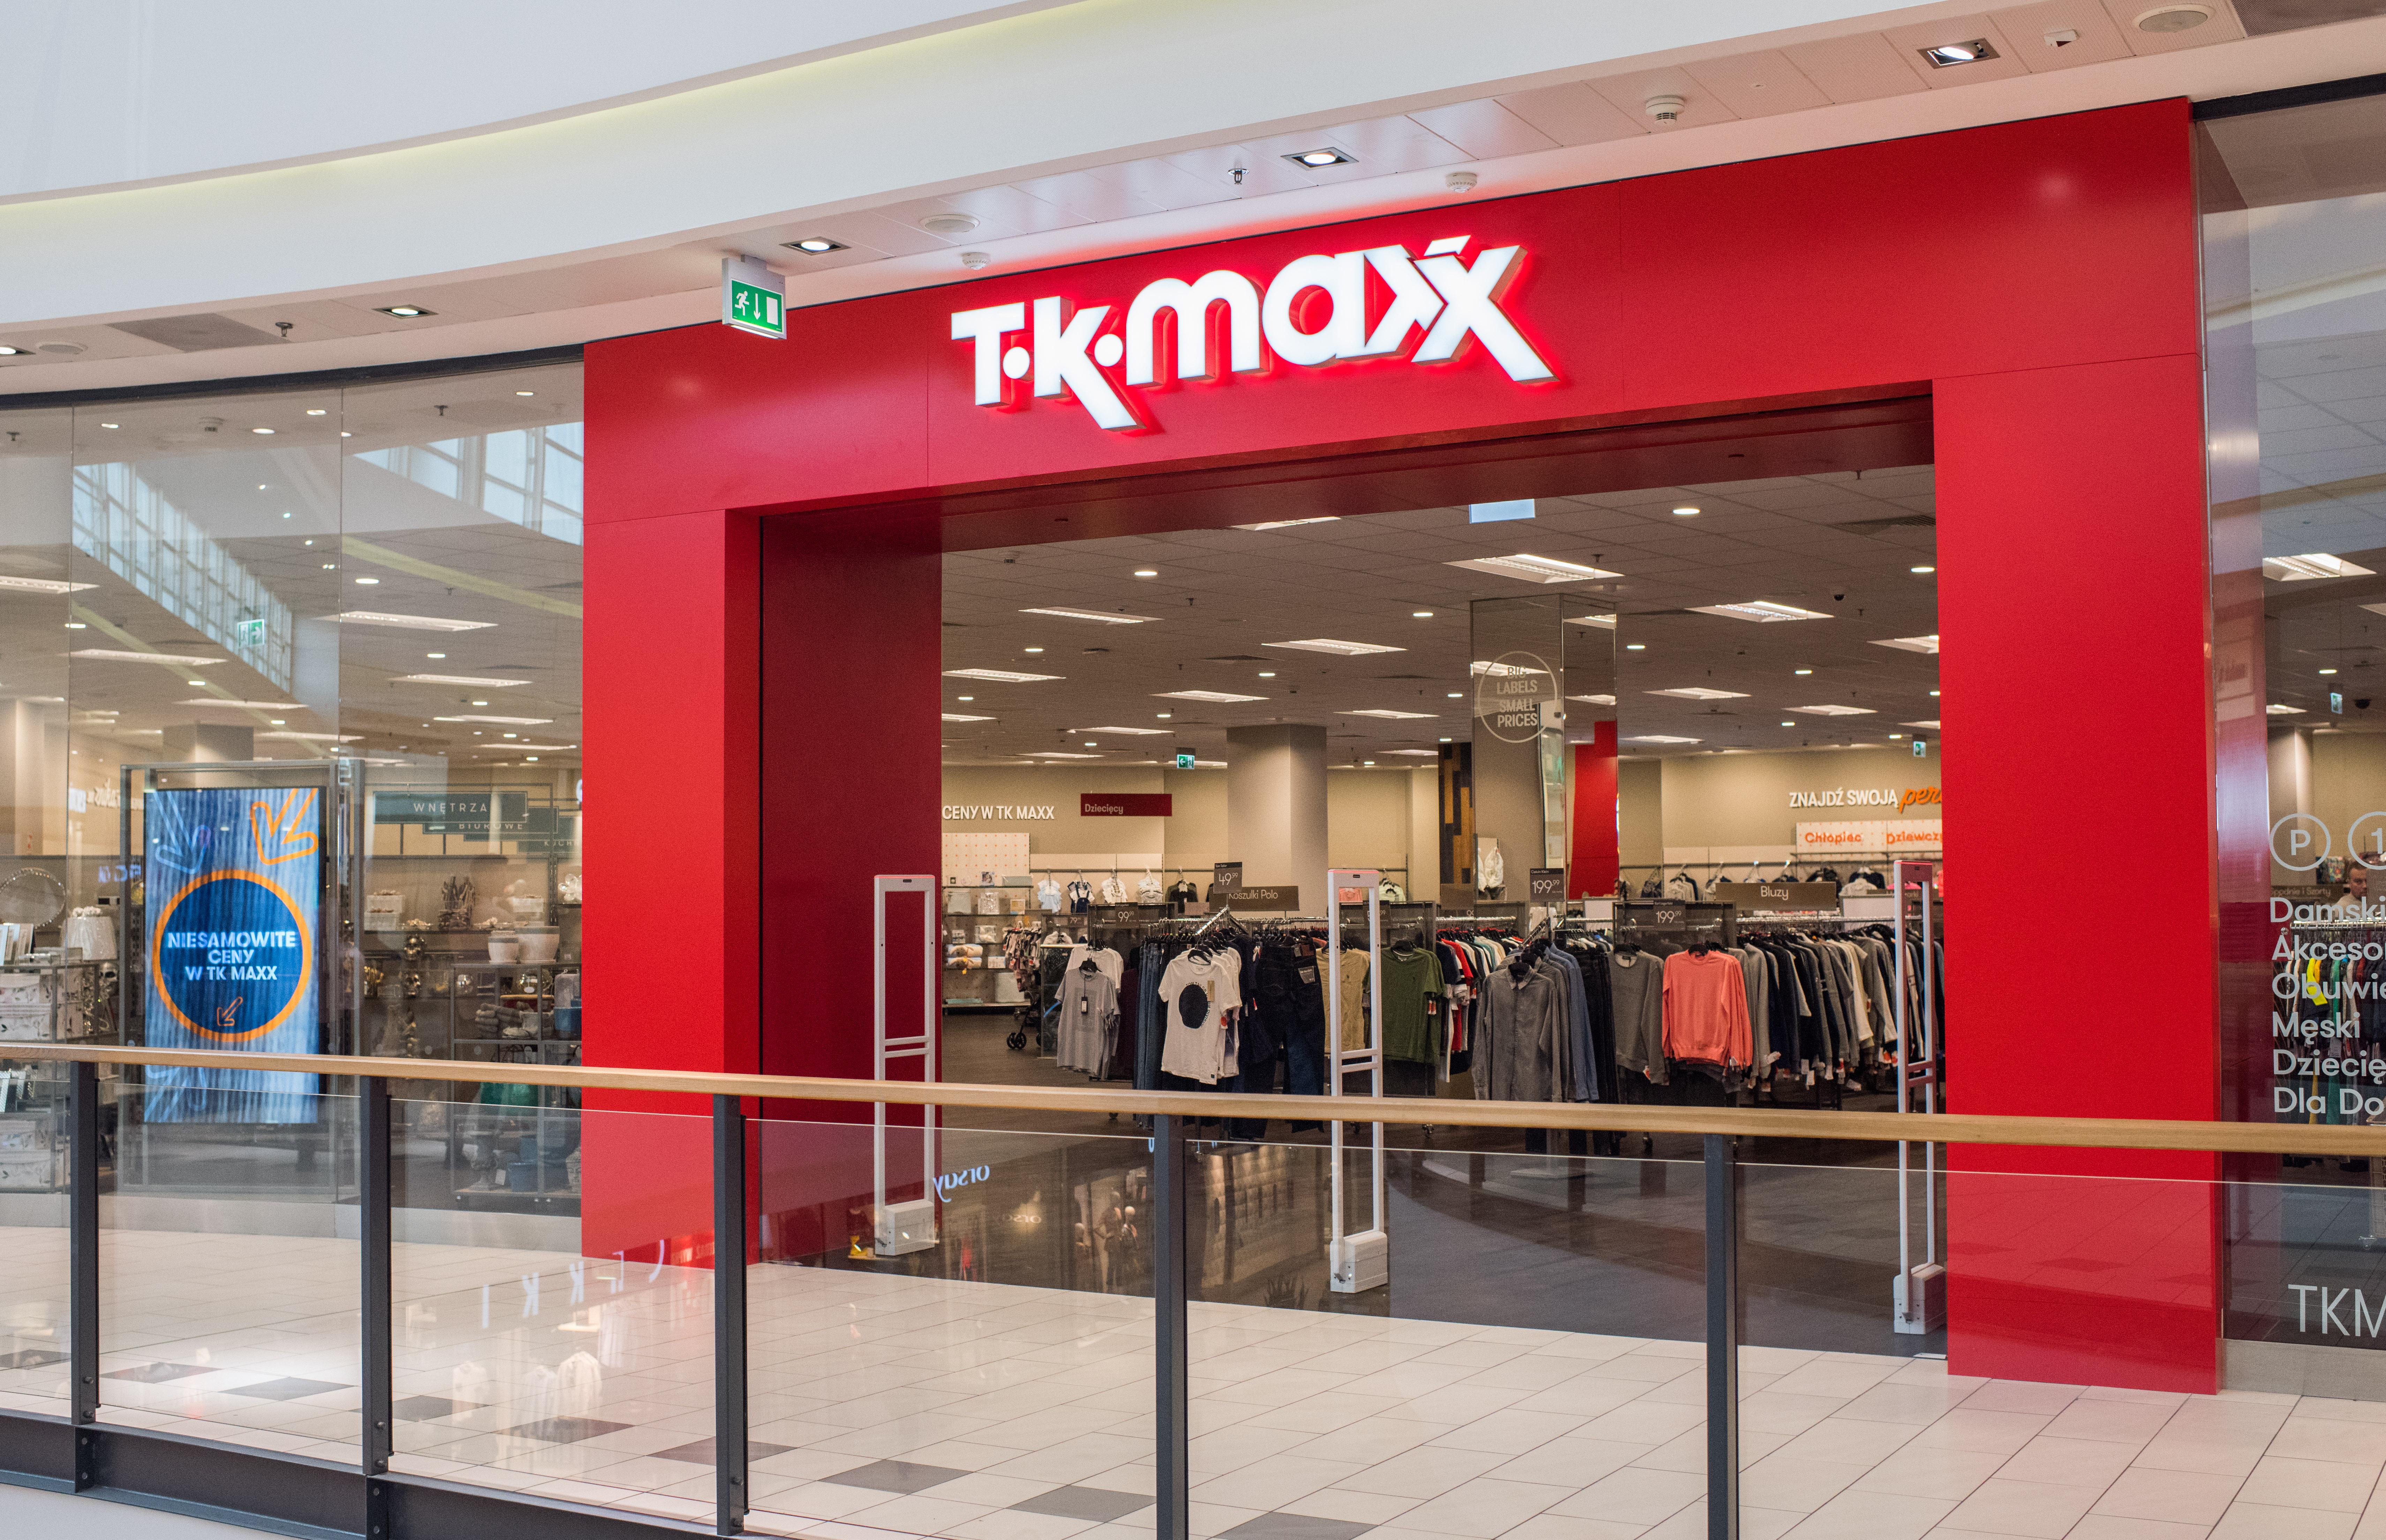 TK Maxx otwarte w Kaliszu! Galeria Amber